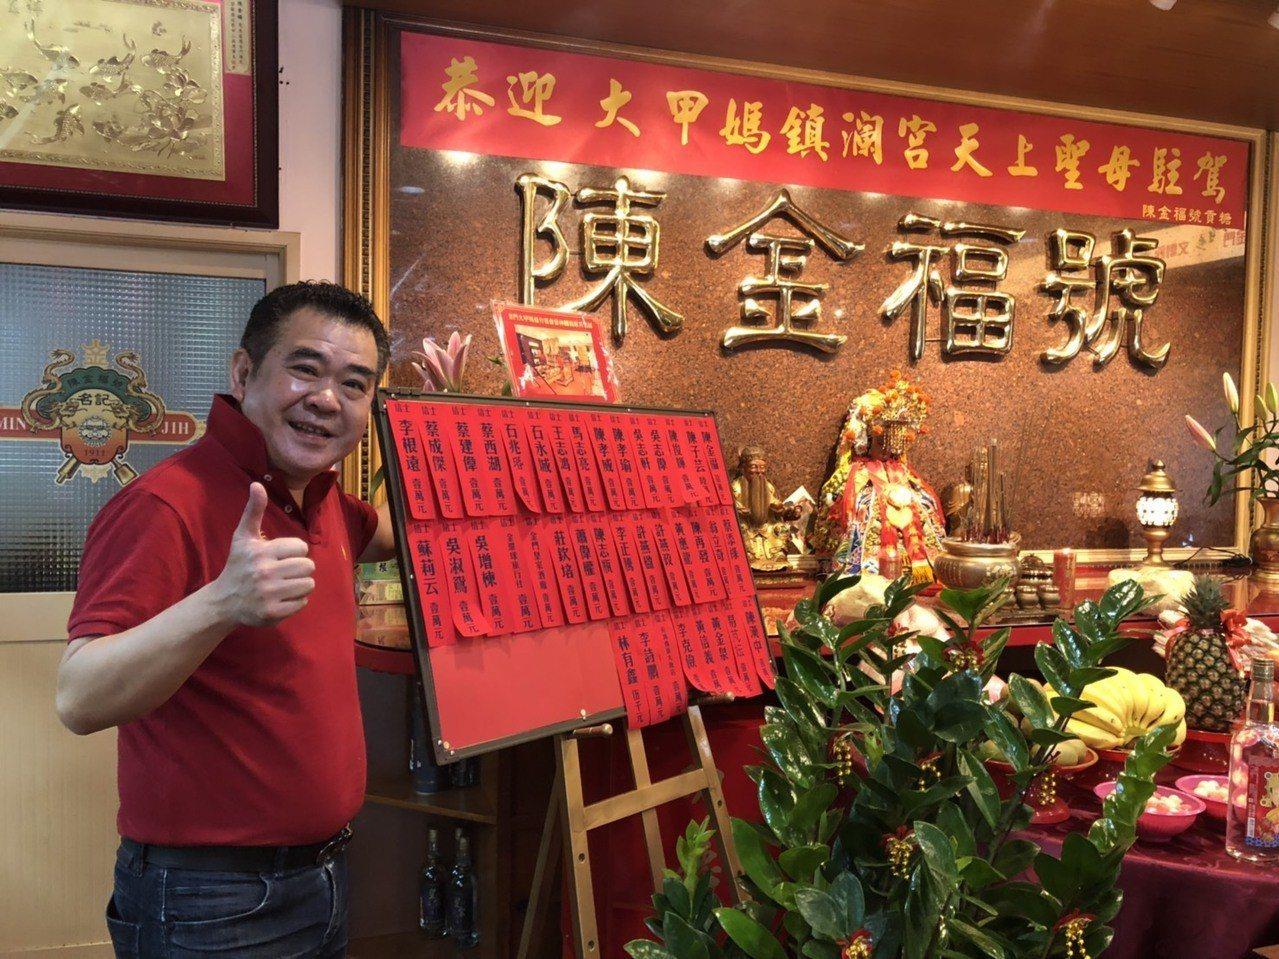 台中大甲媽祖分靈駐駕在陳金福貢糖店,老闆陳金福表示,兩岸的信眾都會到店裡來拜拜。...